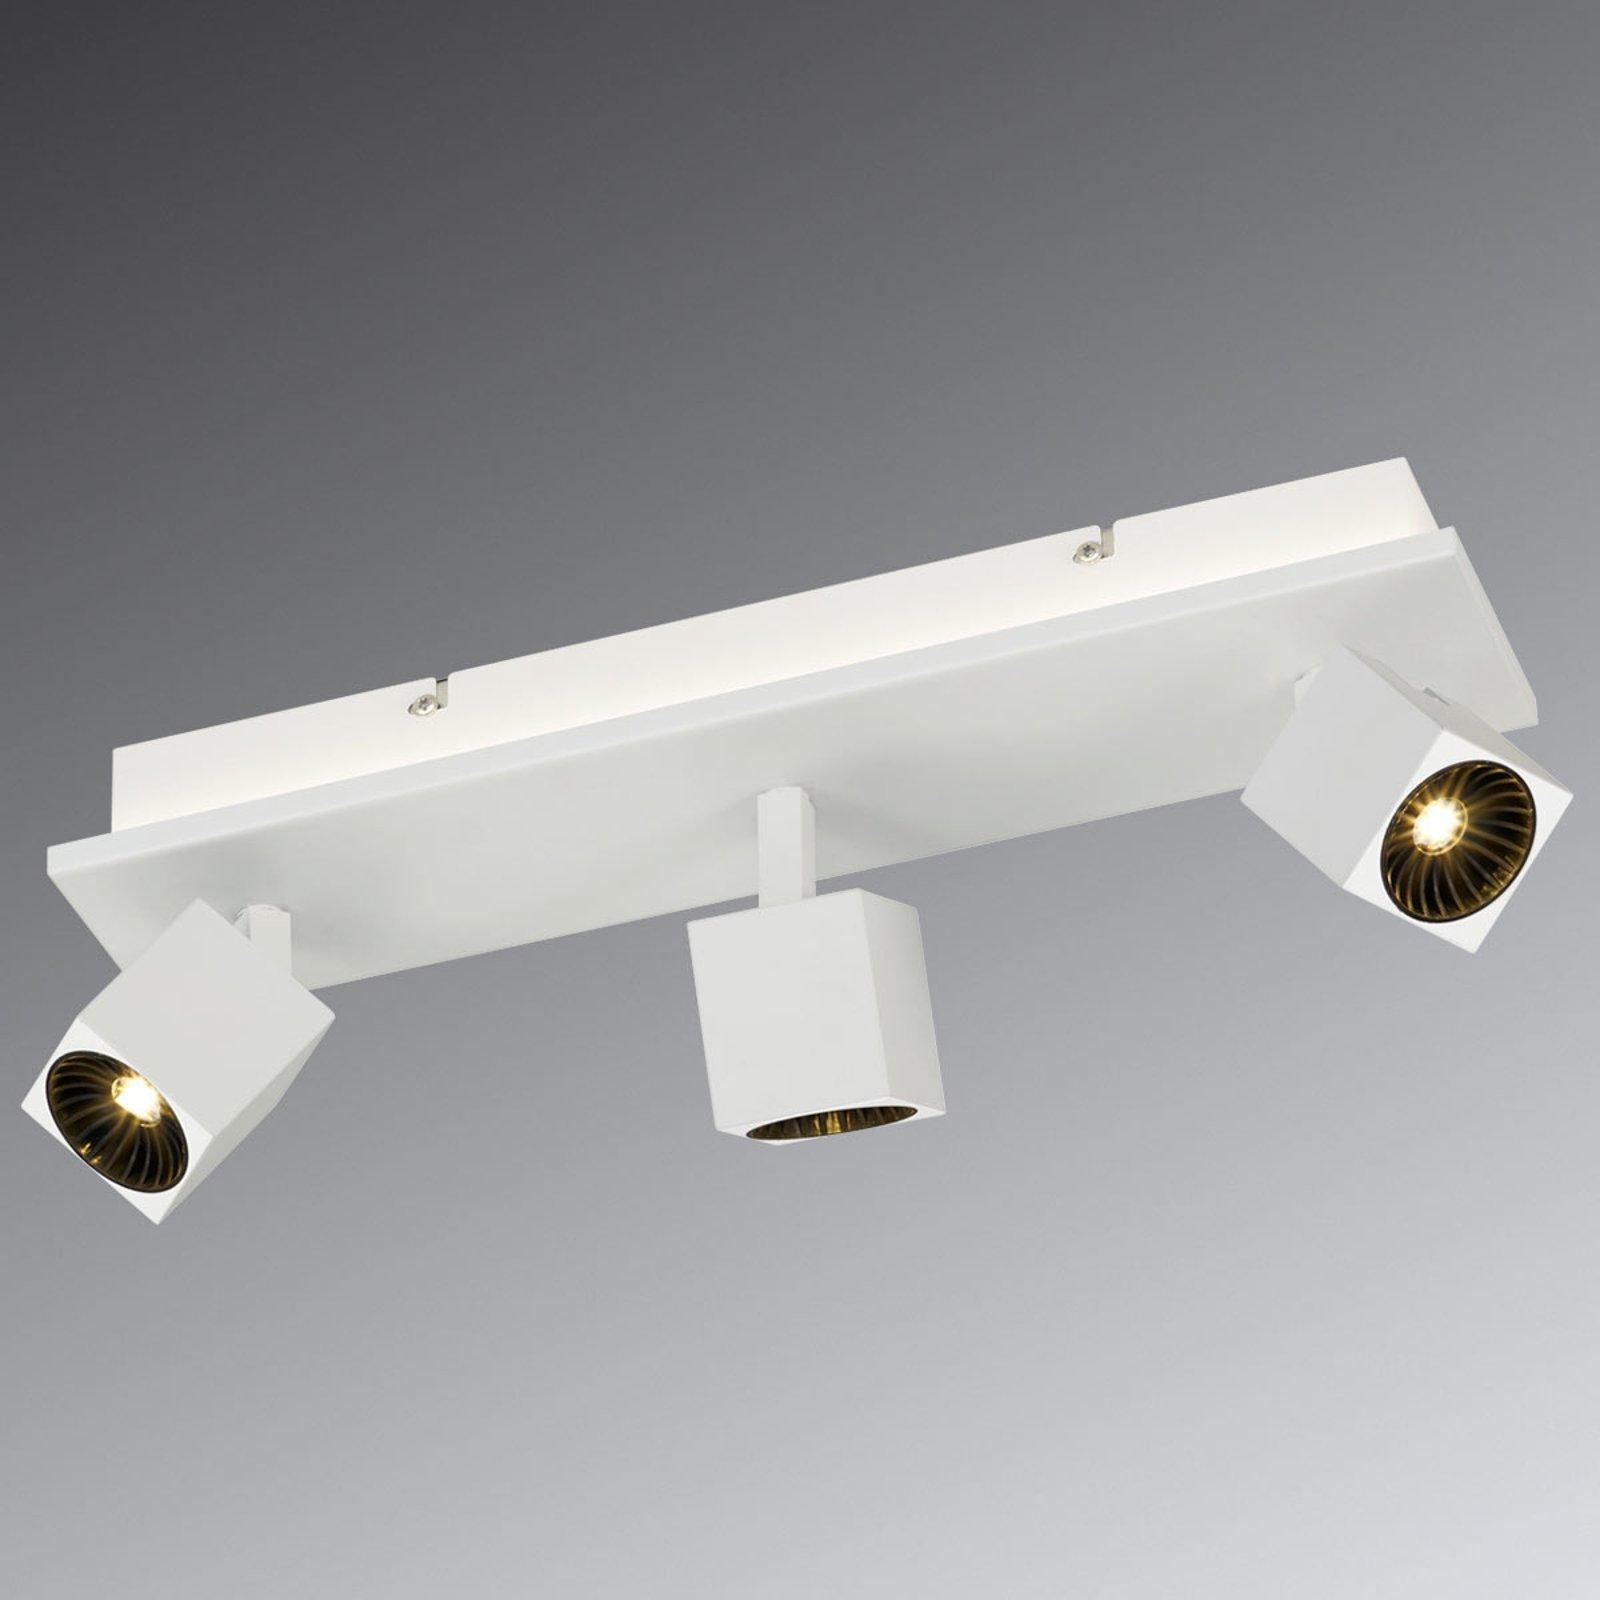 Hvit LED-taklampe Cuba med ORSAM-LEDs, 3 lyskilder